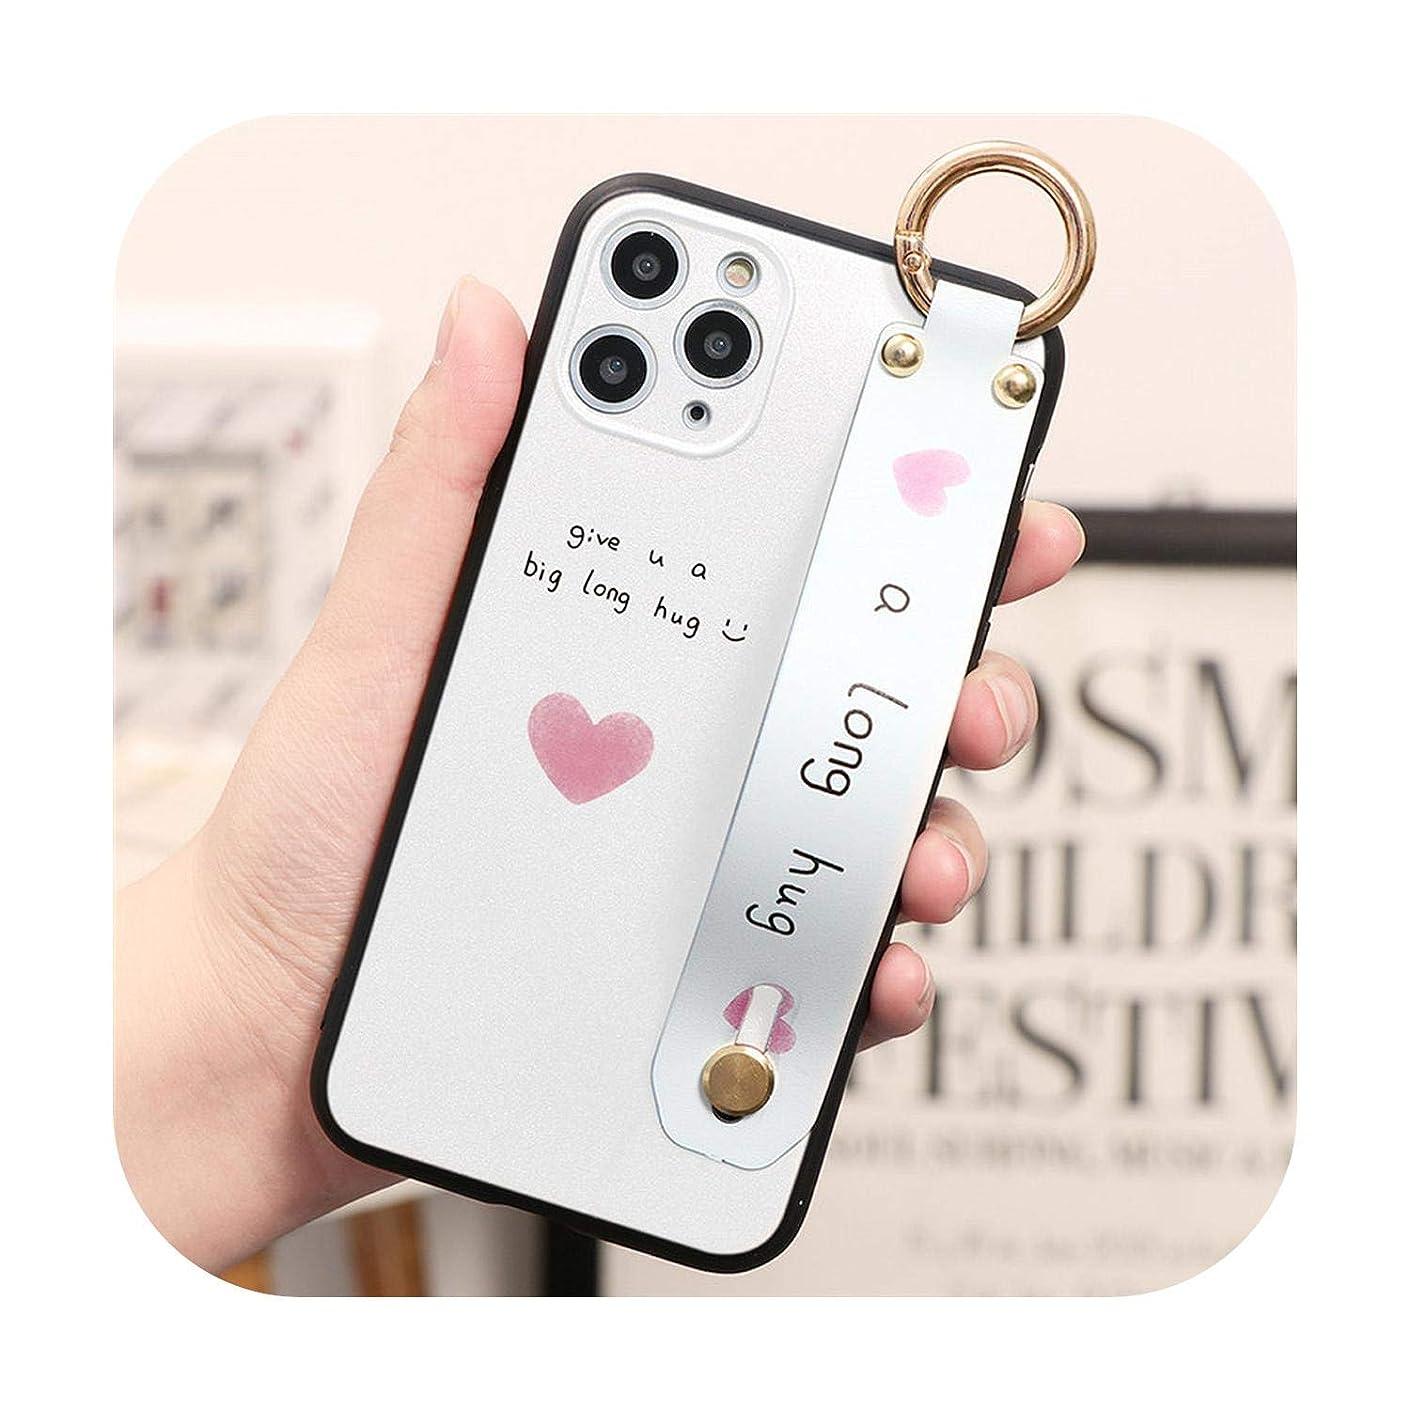 陰気上参照TPUリストストラップ電話ケースfor iphone 11プロ8 7 6 6 sプラス5 XR XS最大ファッション愛ハートカップルカバーfor iphone Xソフト-yuanaxin-For for iphone 6 6S